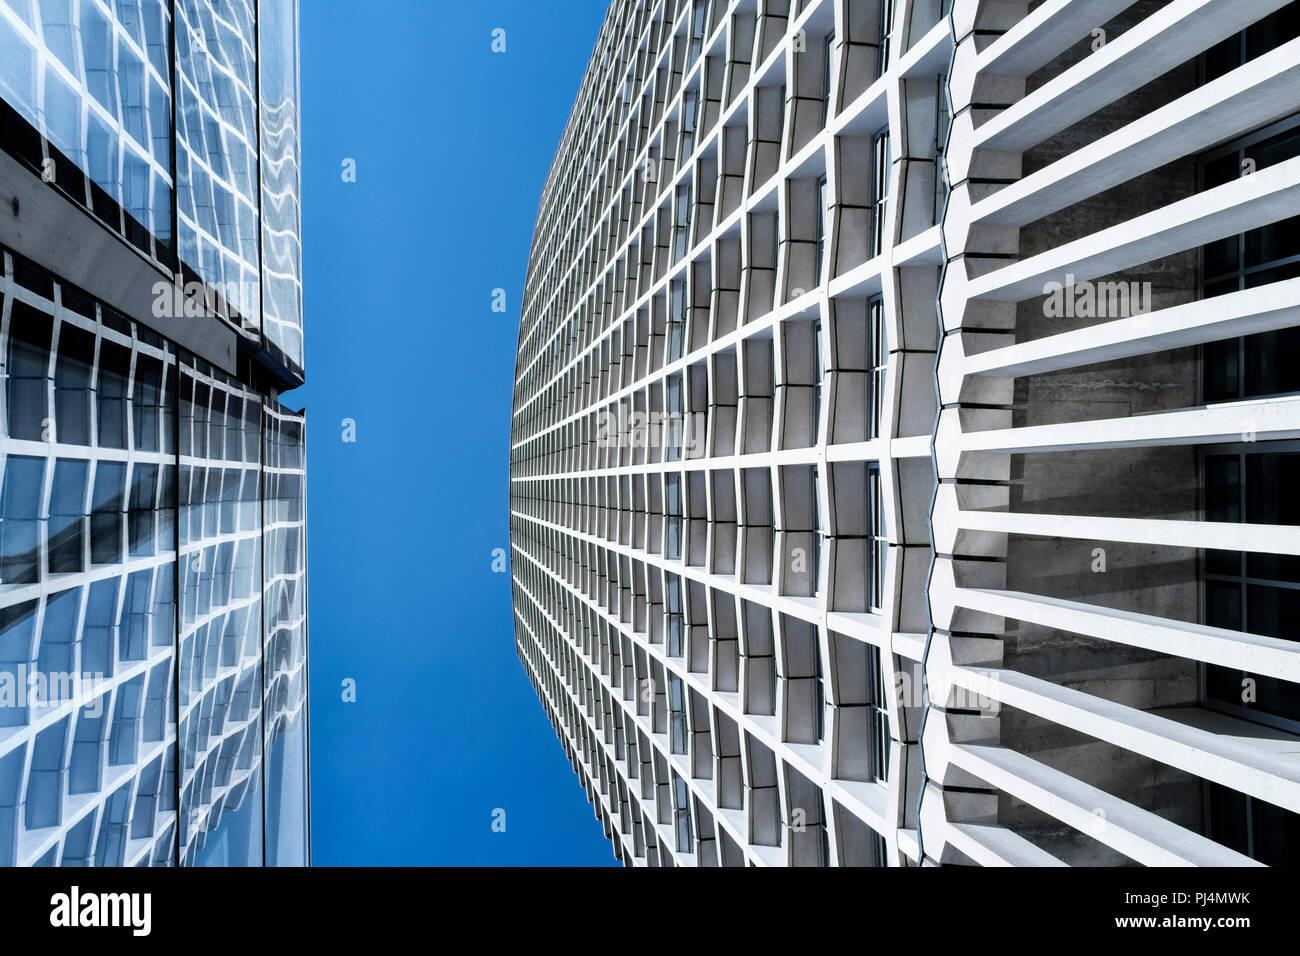 Abstrait architecture: Centre Point immeuble avec façade en verre de la réflexion de la station de métro Tottenham Court Road, Londres, UK Banque D'Images